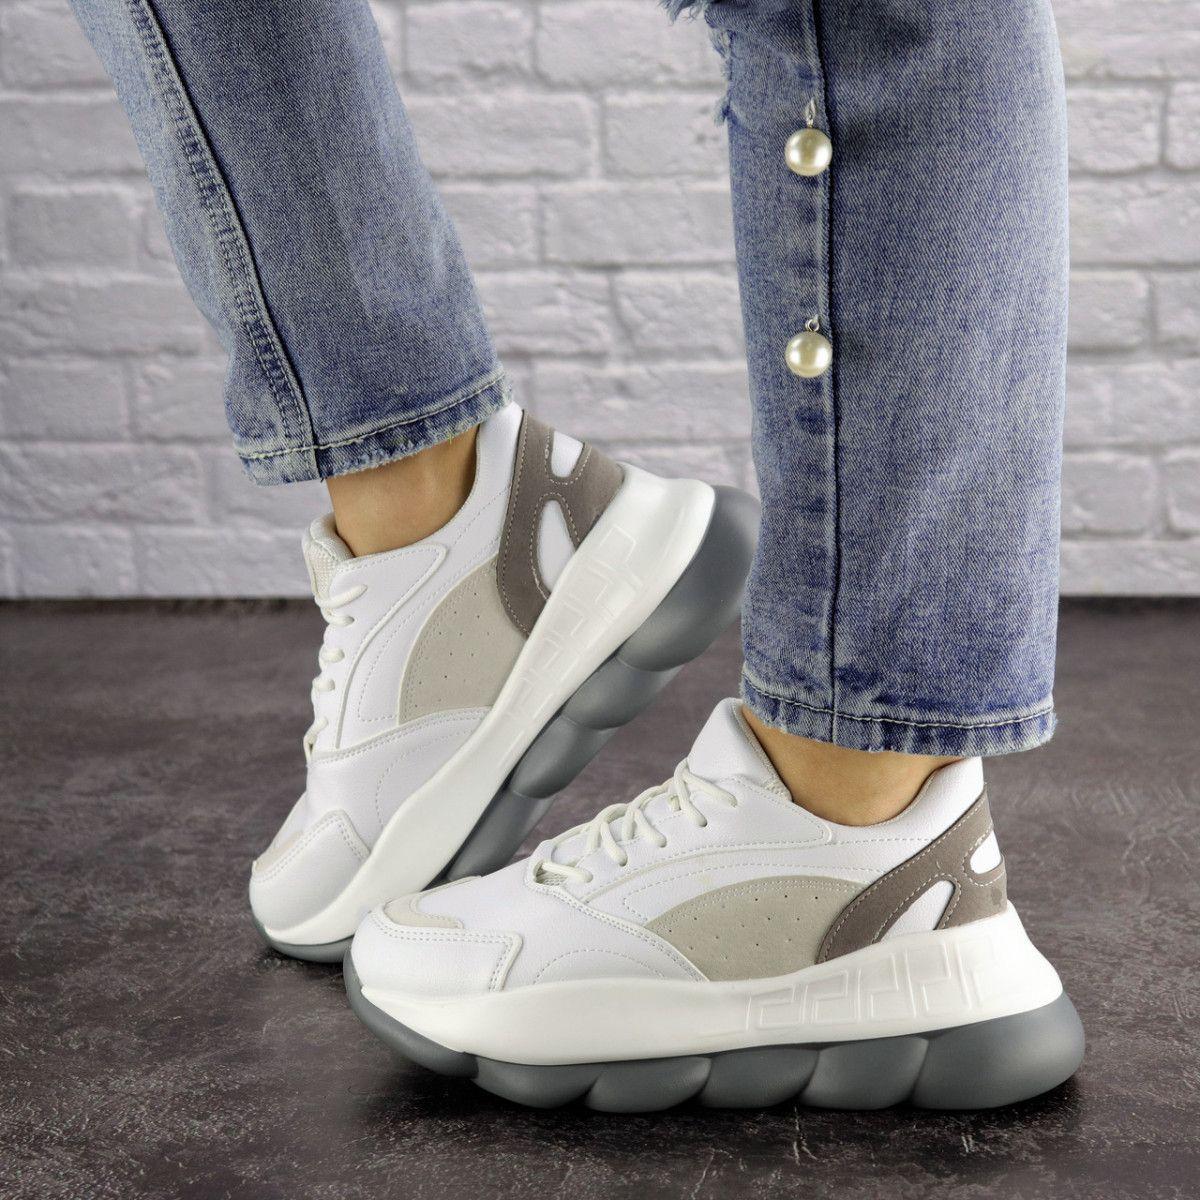 Жіночі кросівки Fashion Bubbles 1642 39 розмір 24 см Білий